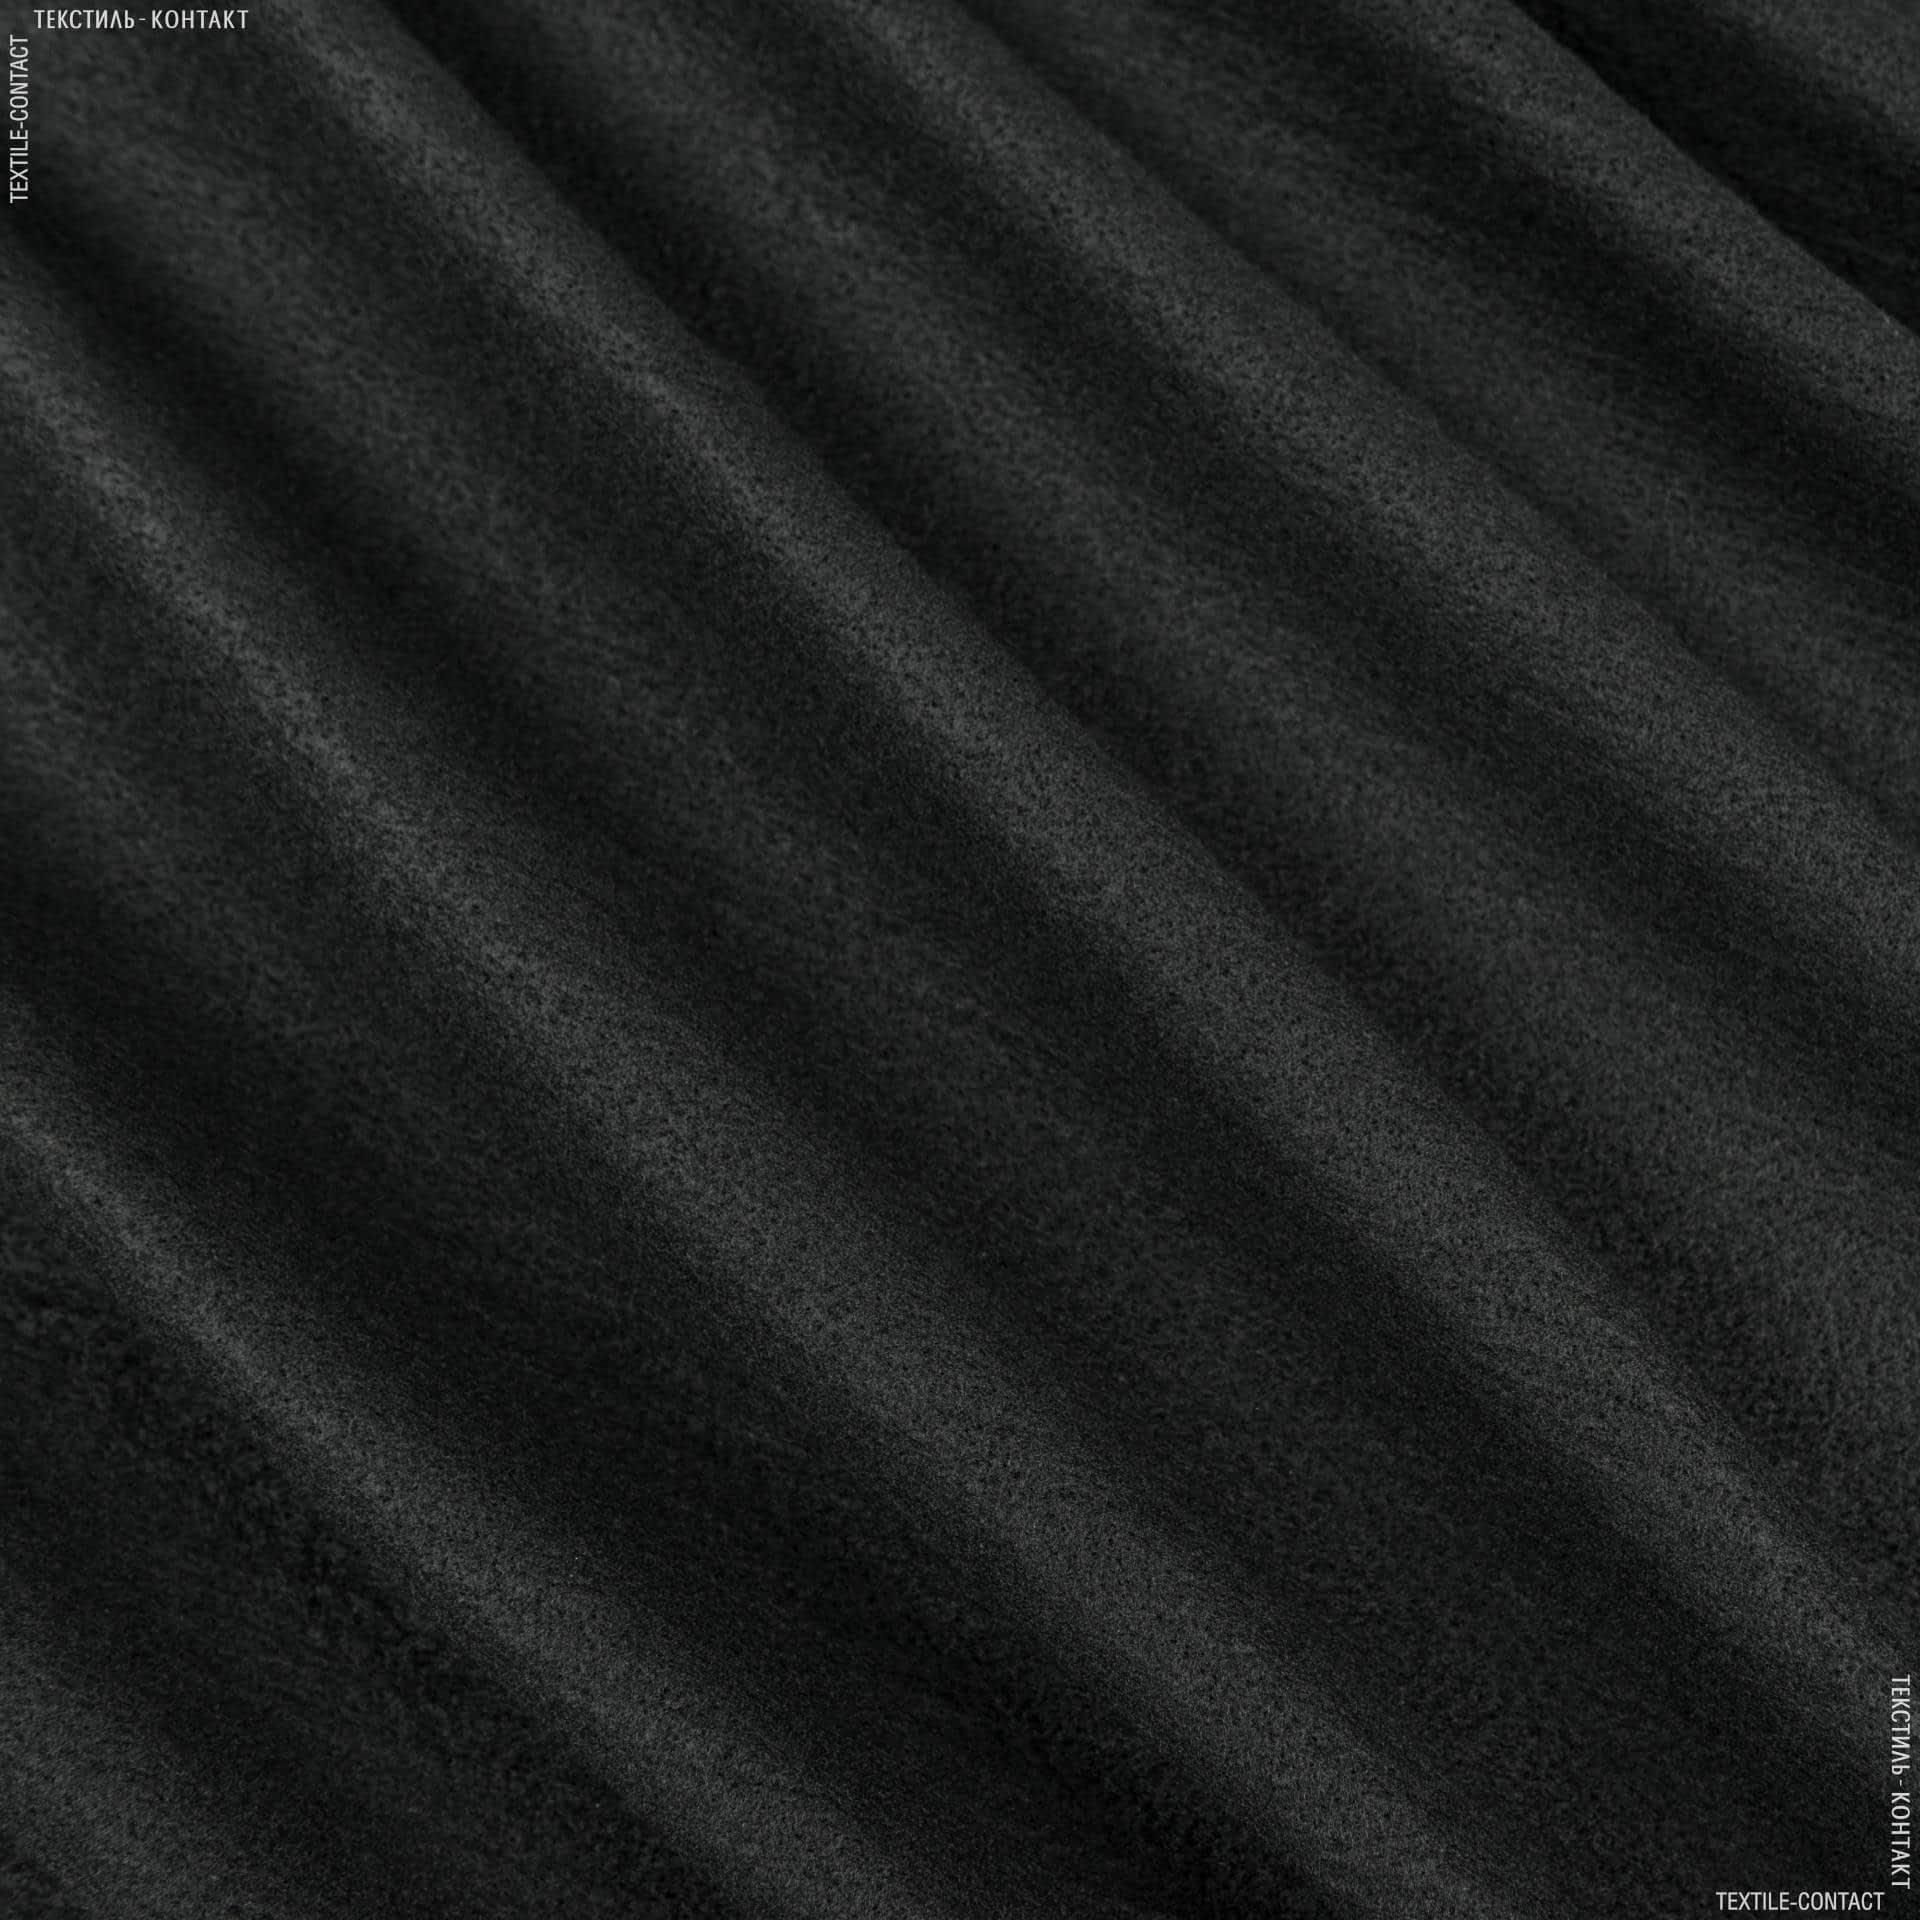 Ткани ненатуральные ткани - Утеплитель Slimtex черный 200г/м